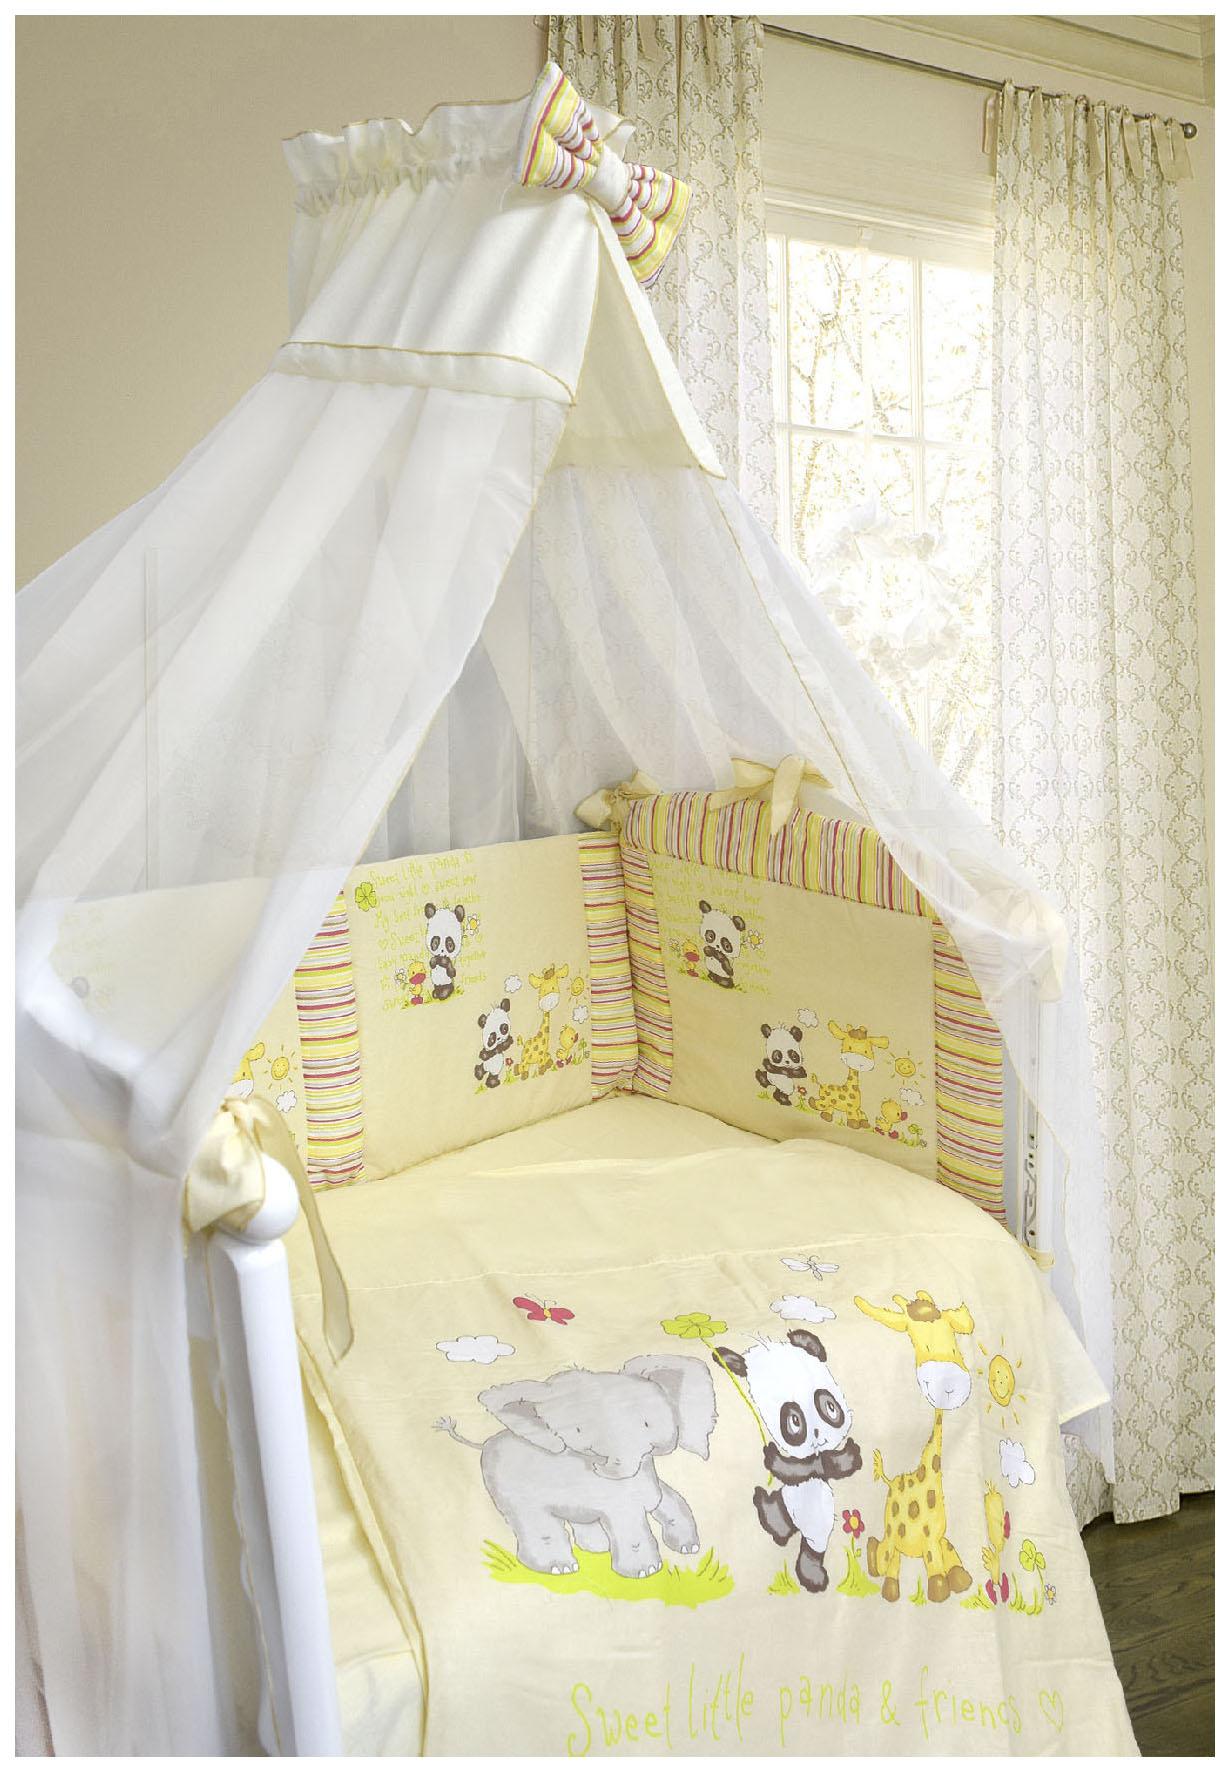 Купить L'ABEILLE Комплект в кроватку Панда с друзьями (7 предметов, цвет: бежевый) УТ0009207, Комплекты детского постельного белья